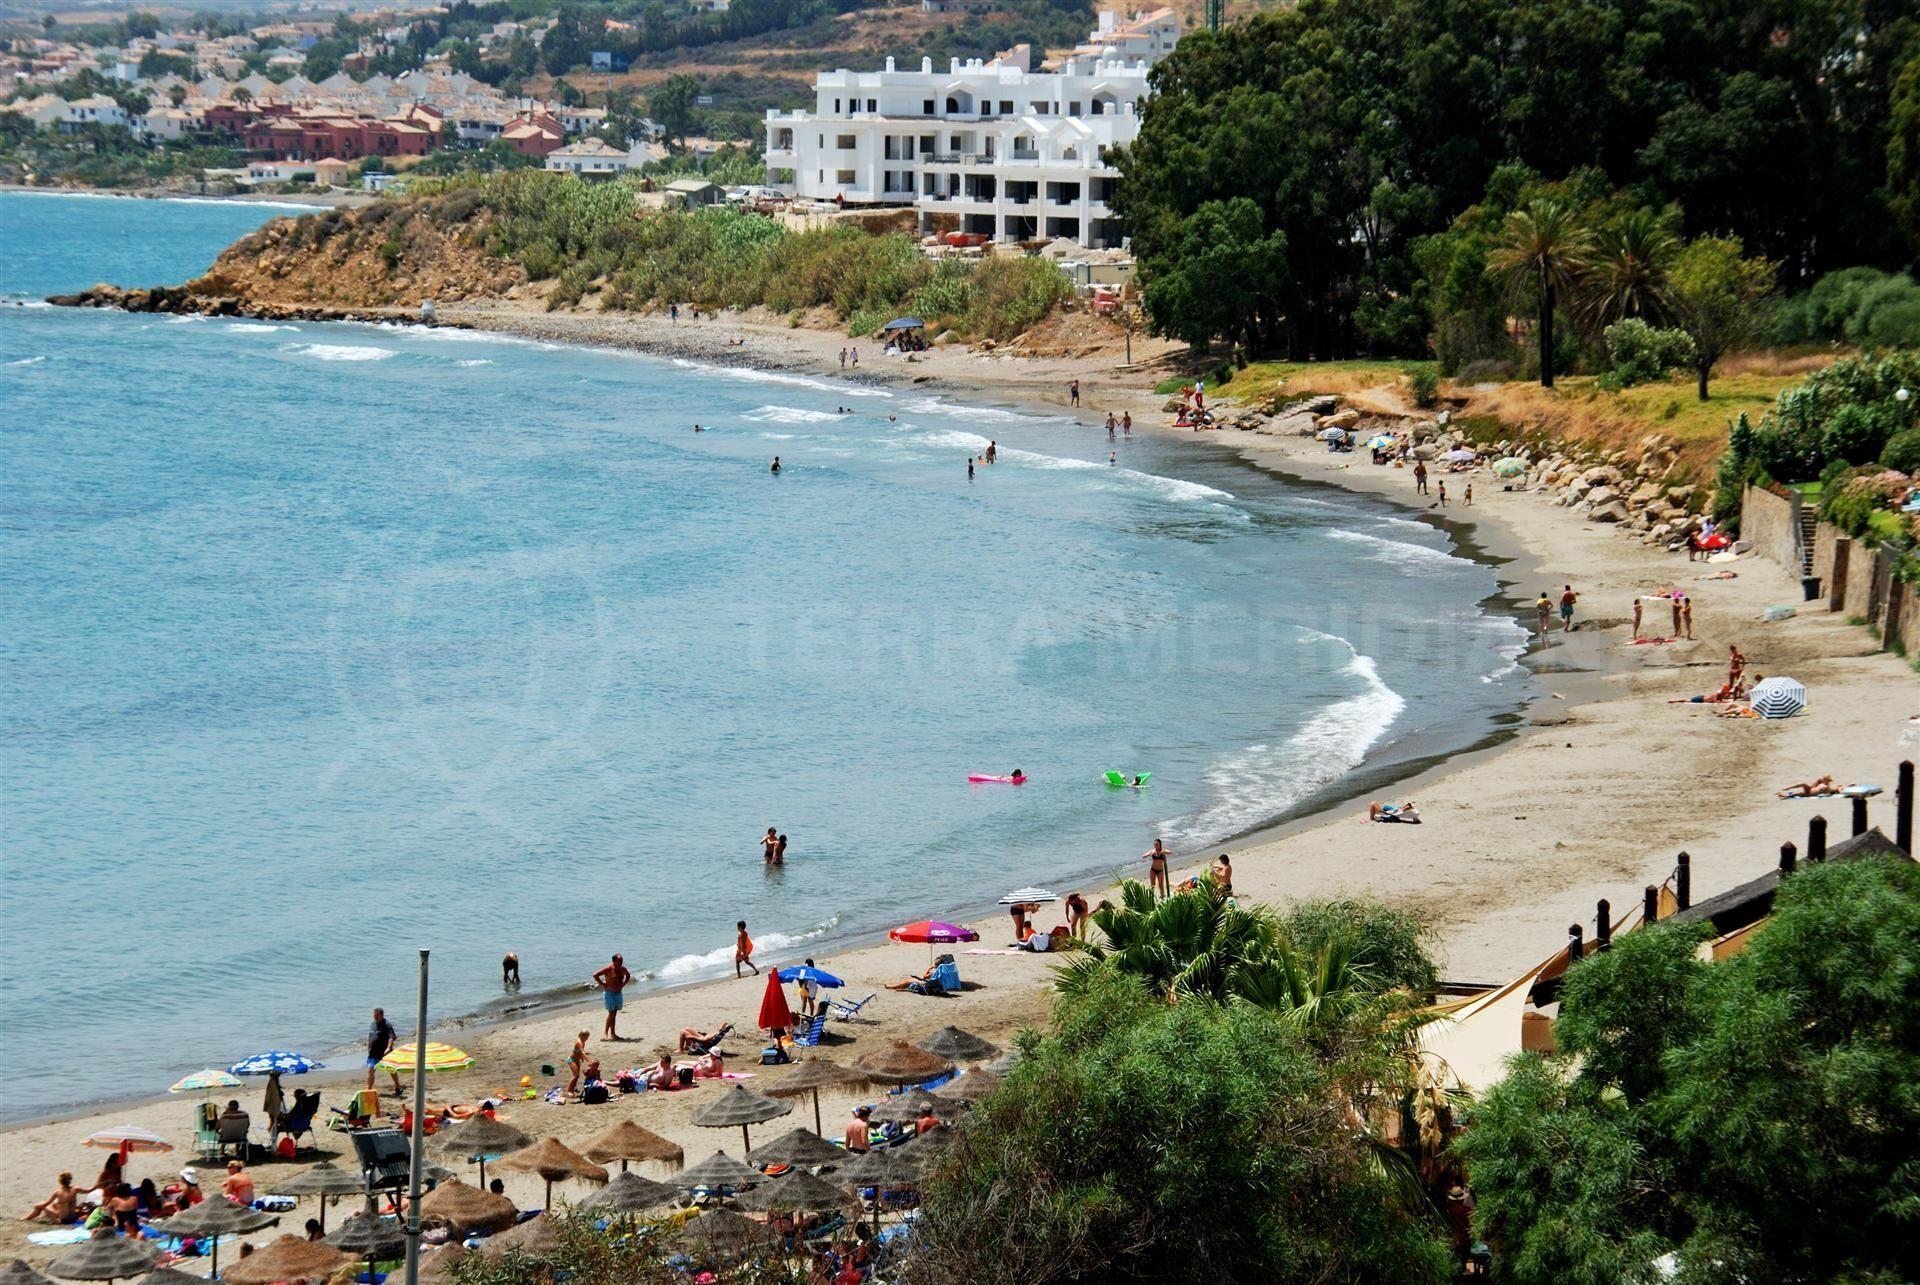 Estepona beaches Mediterranean